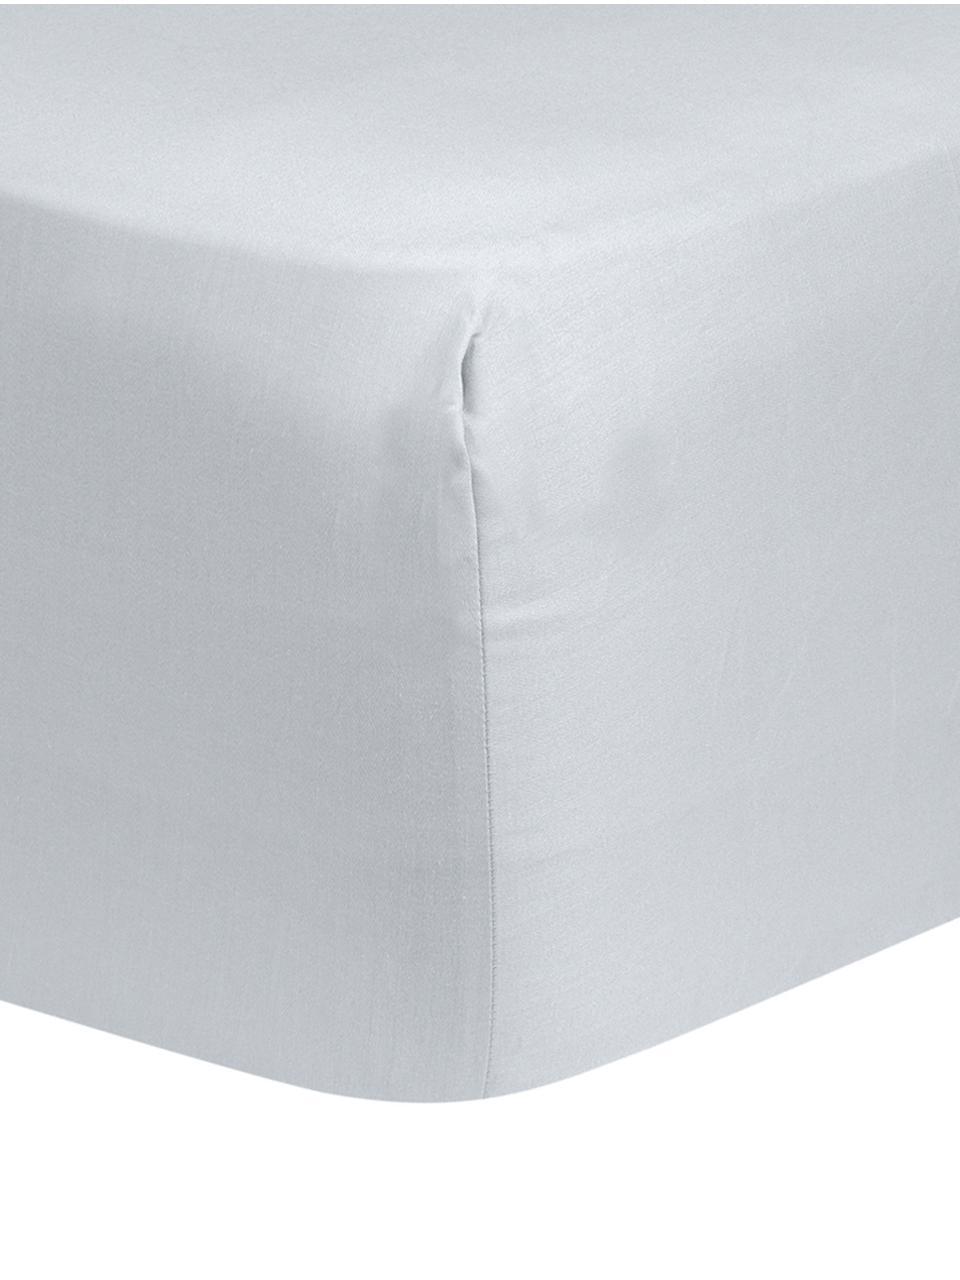 Boxspring-Spannbettlaken Comfort in Hellgrau, Baumwollsatin, Webart: Satin, leicht glänzend, Hellgrau, 200 x 200 cm